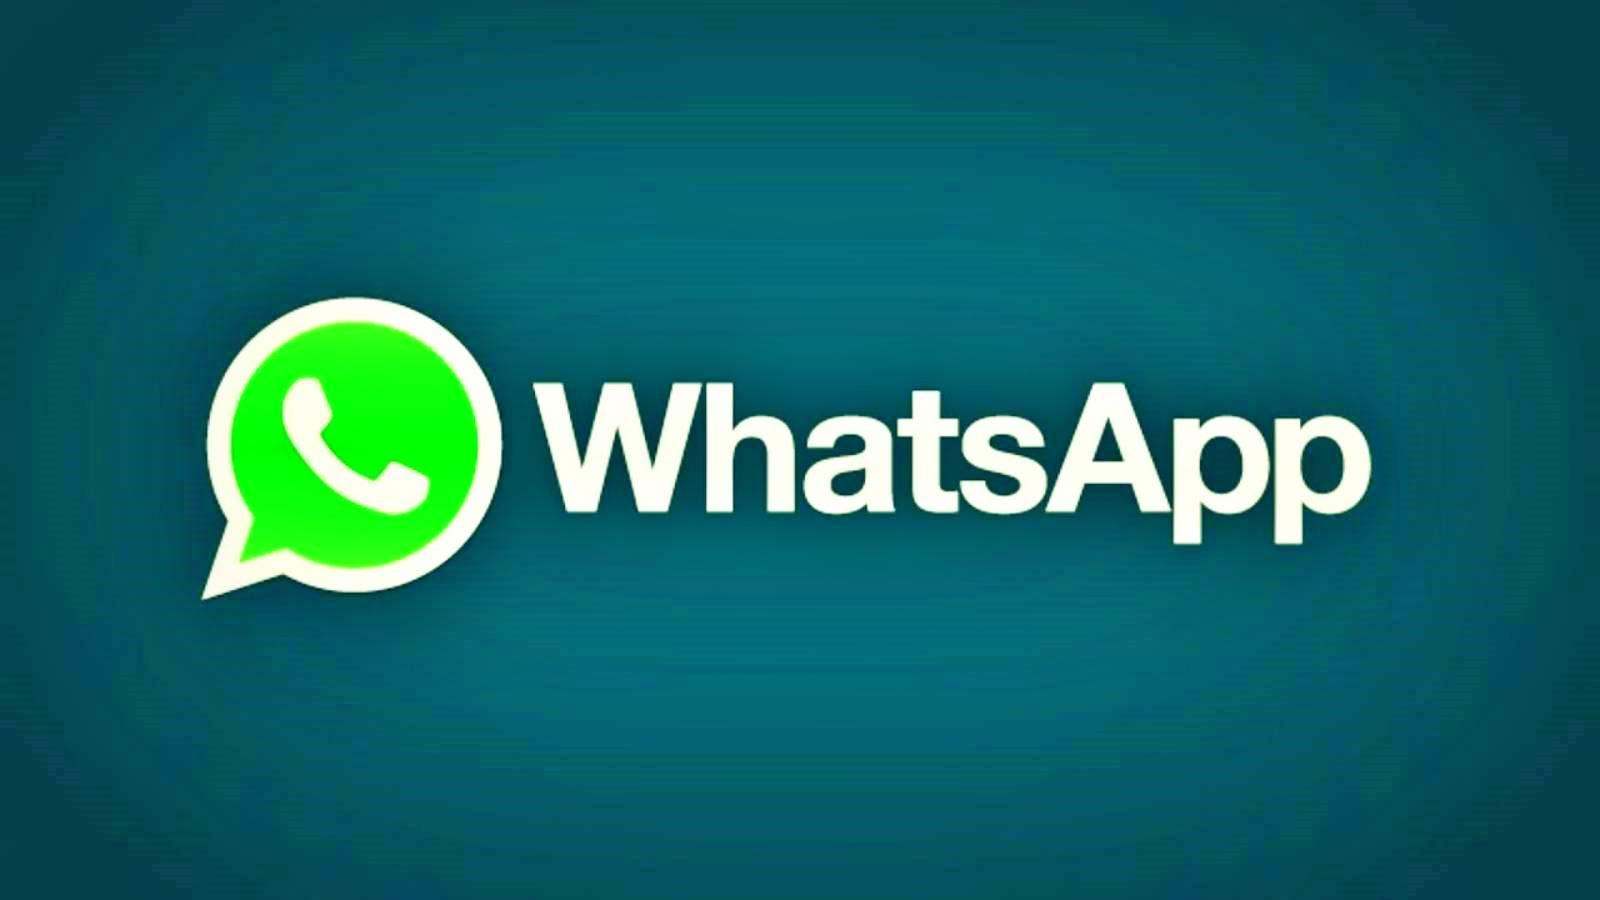 WhatsApp recomandare